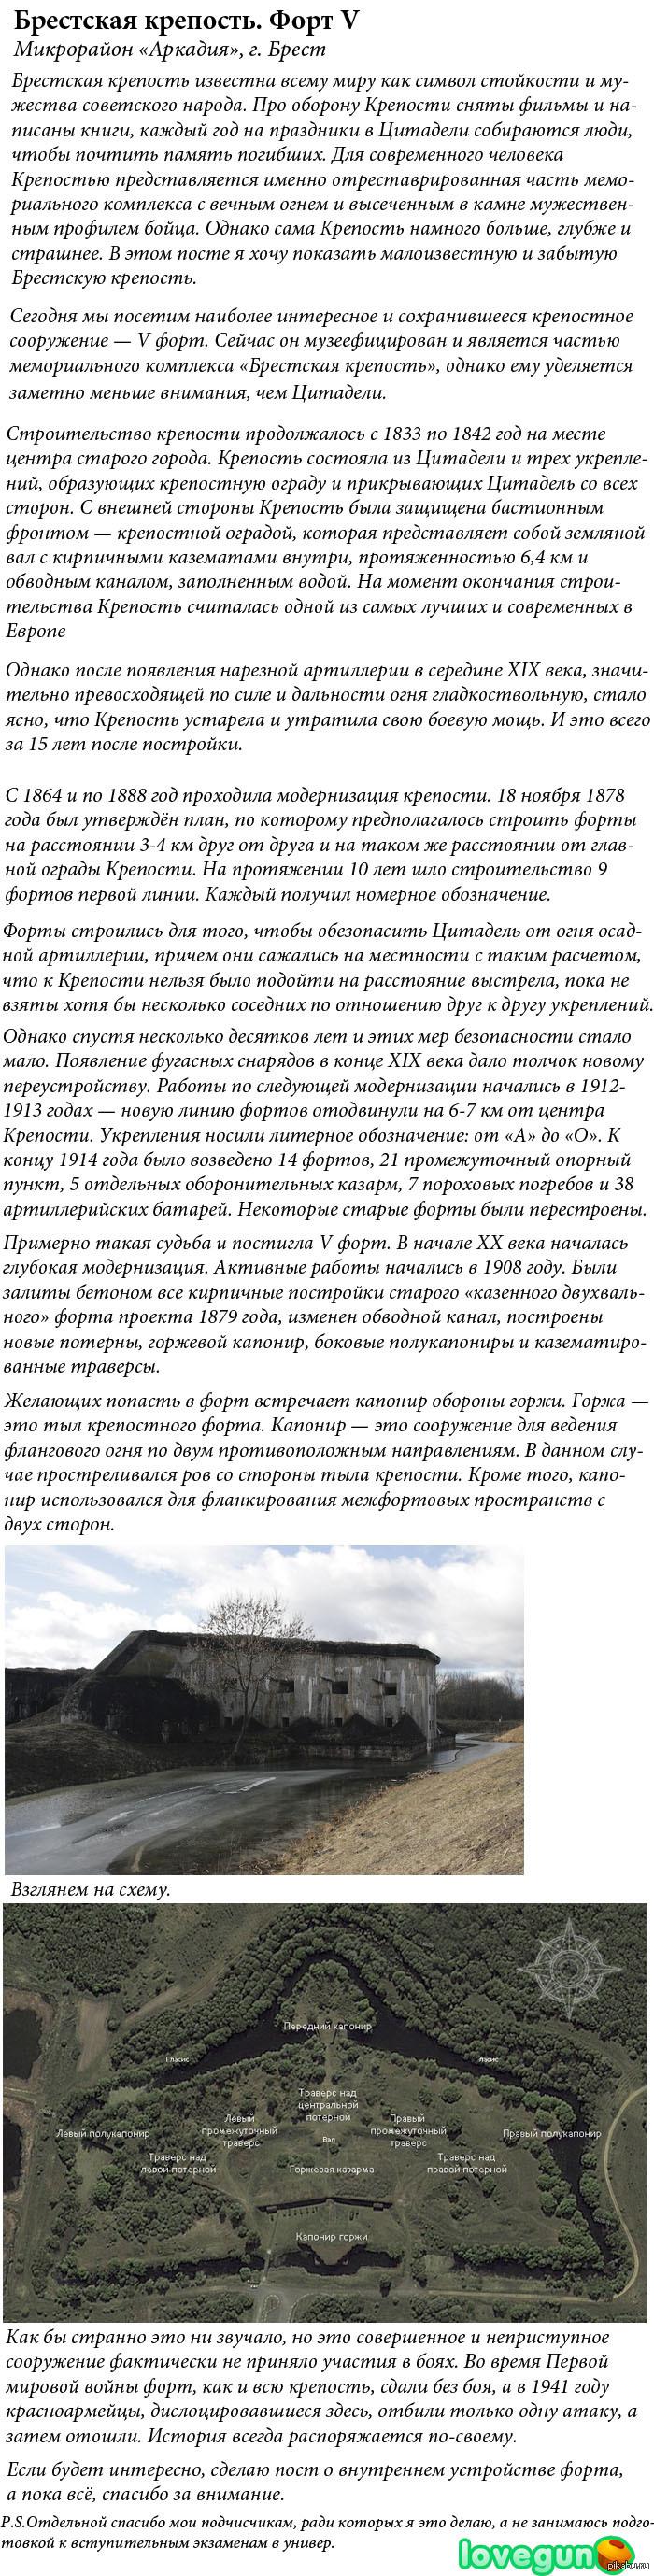 Брестская крепость. Форт V